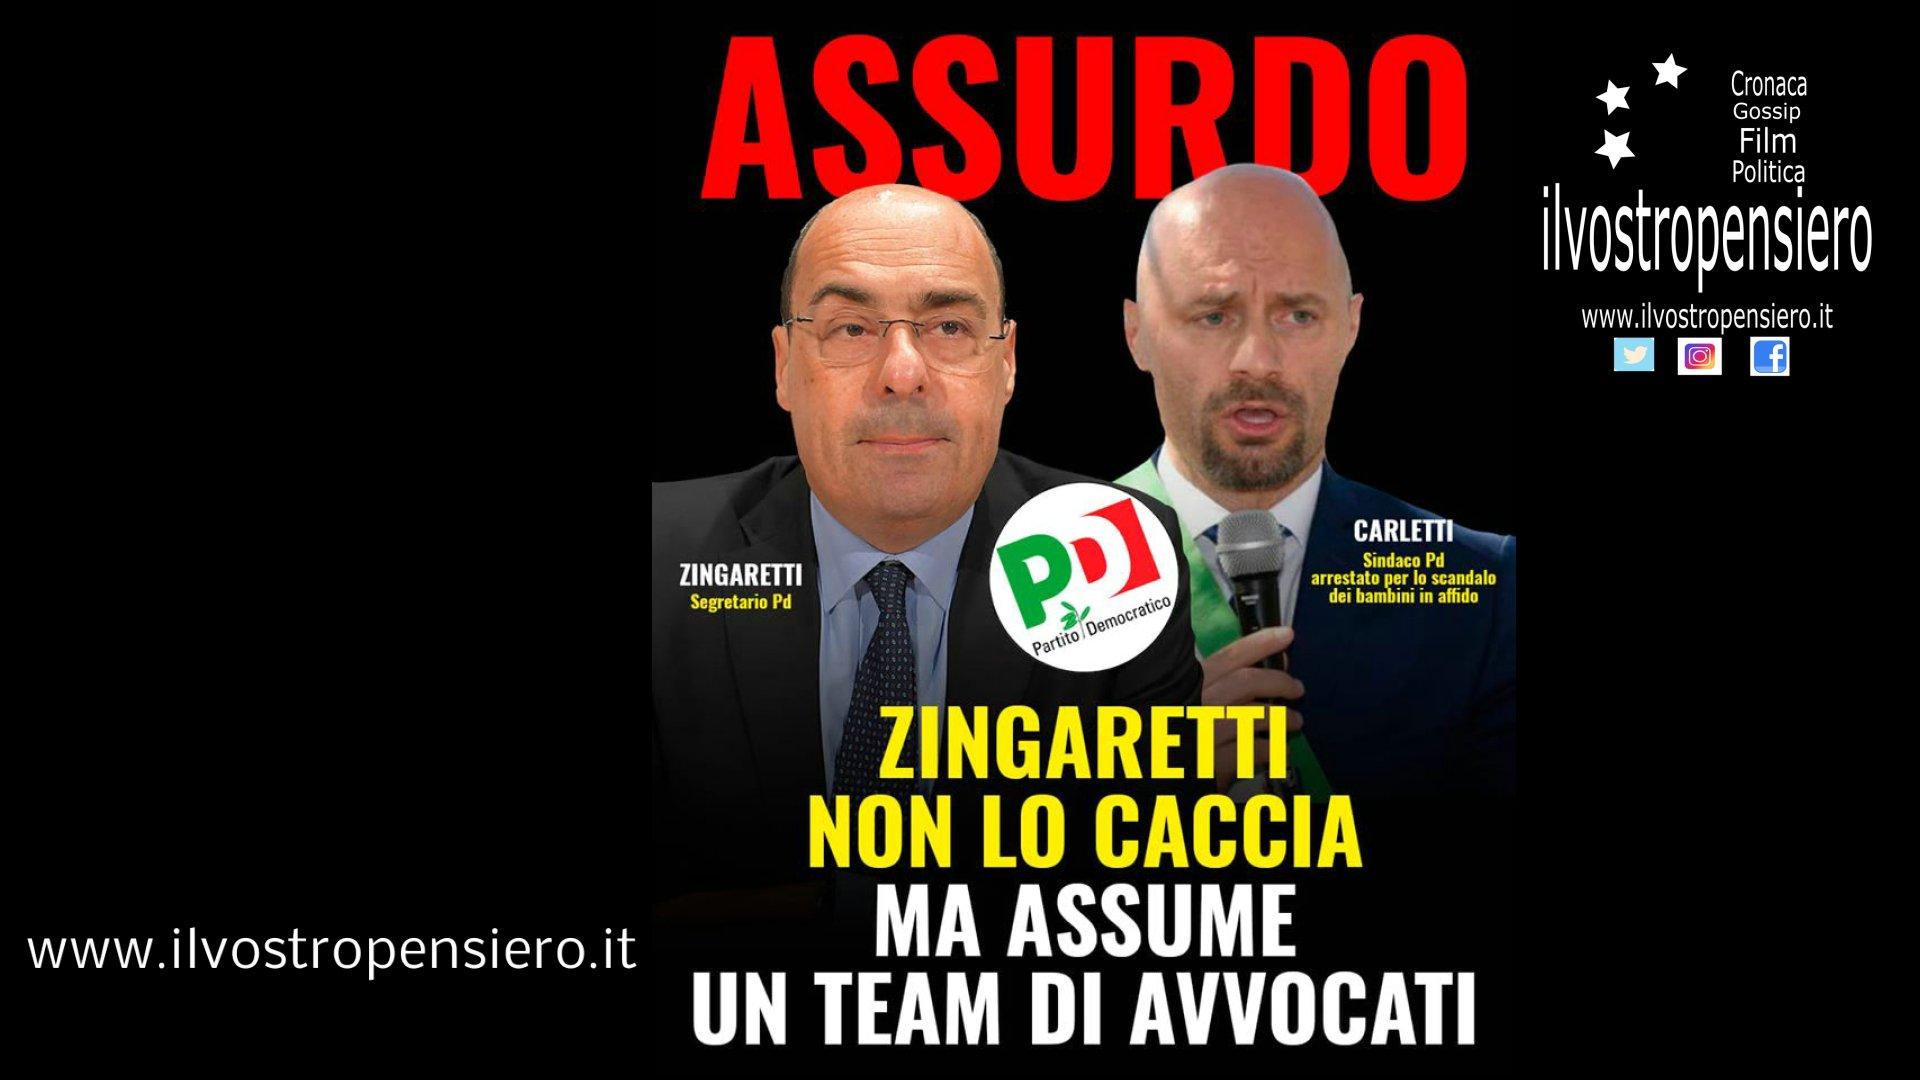 Zingaretti: Assurdo non lo caccia e assume un team di avvocati